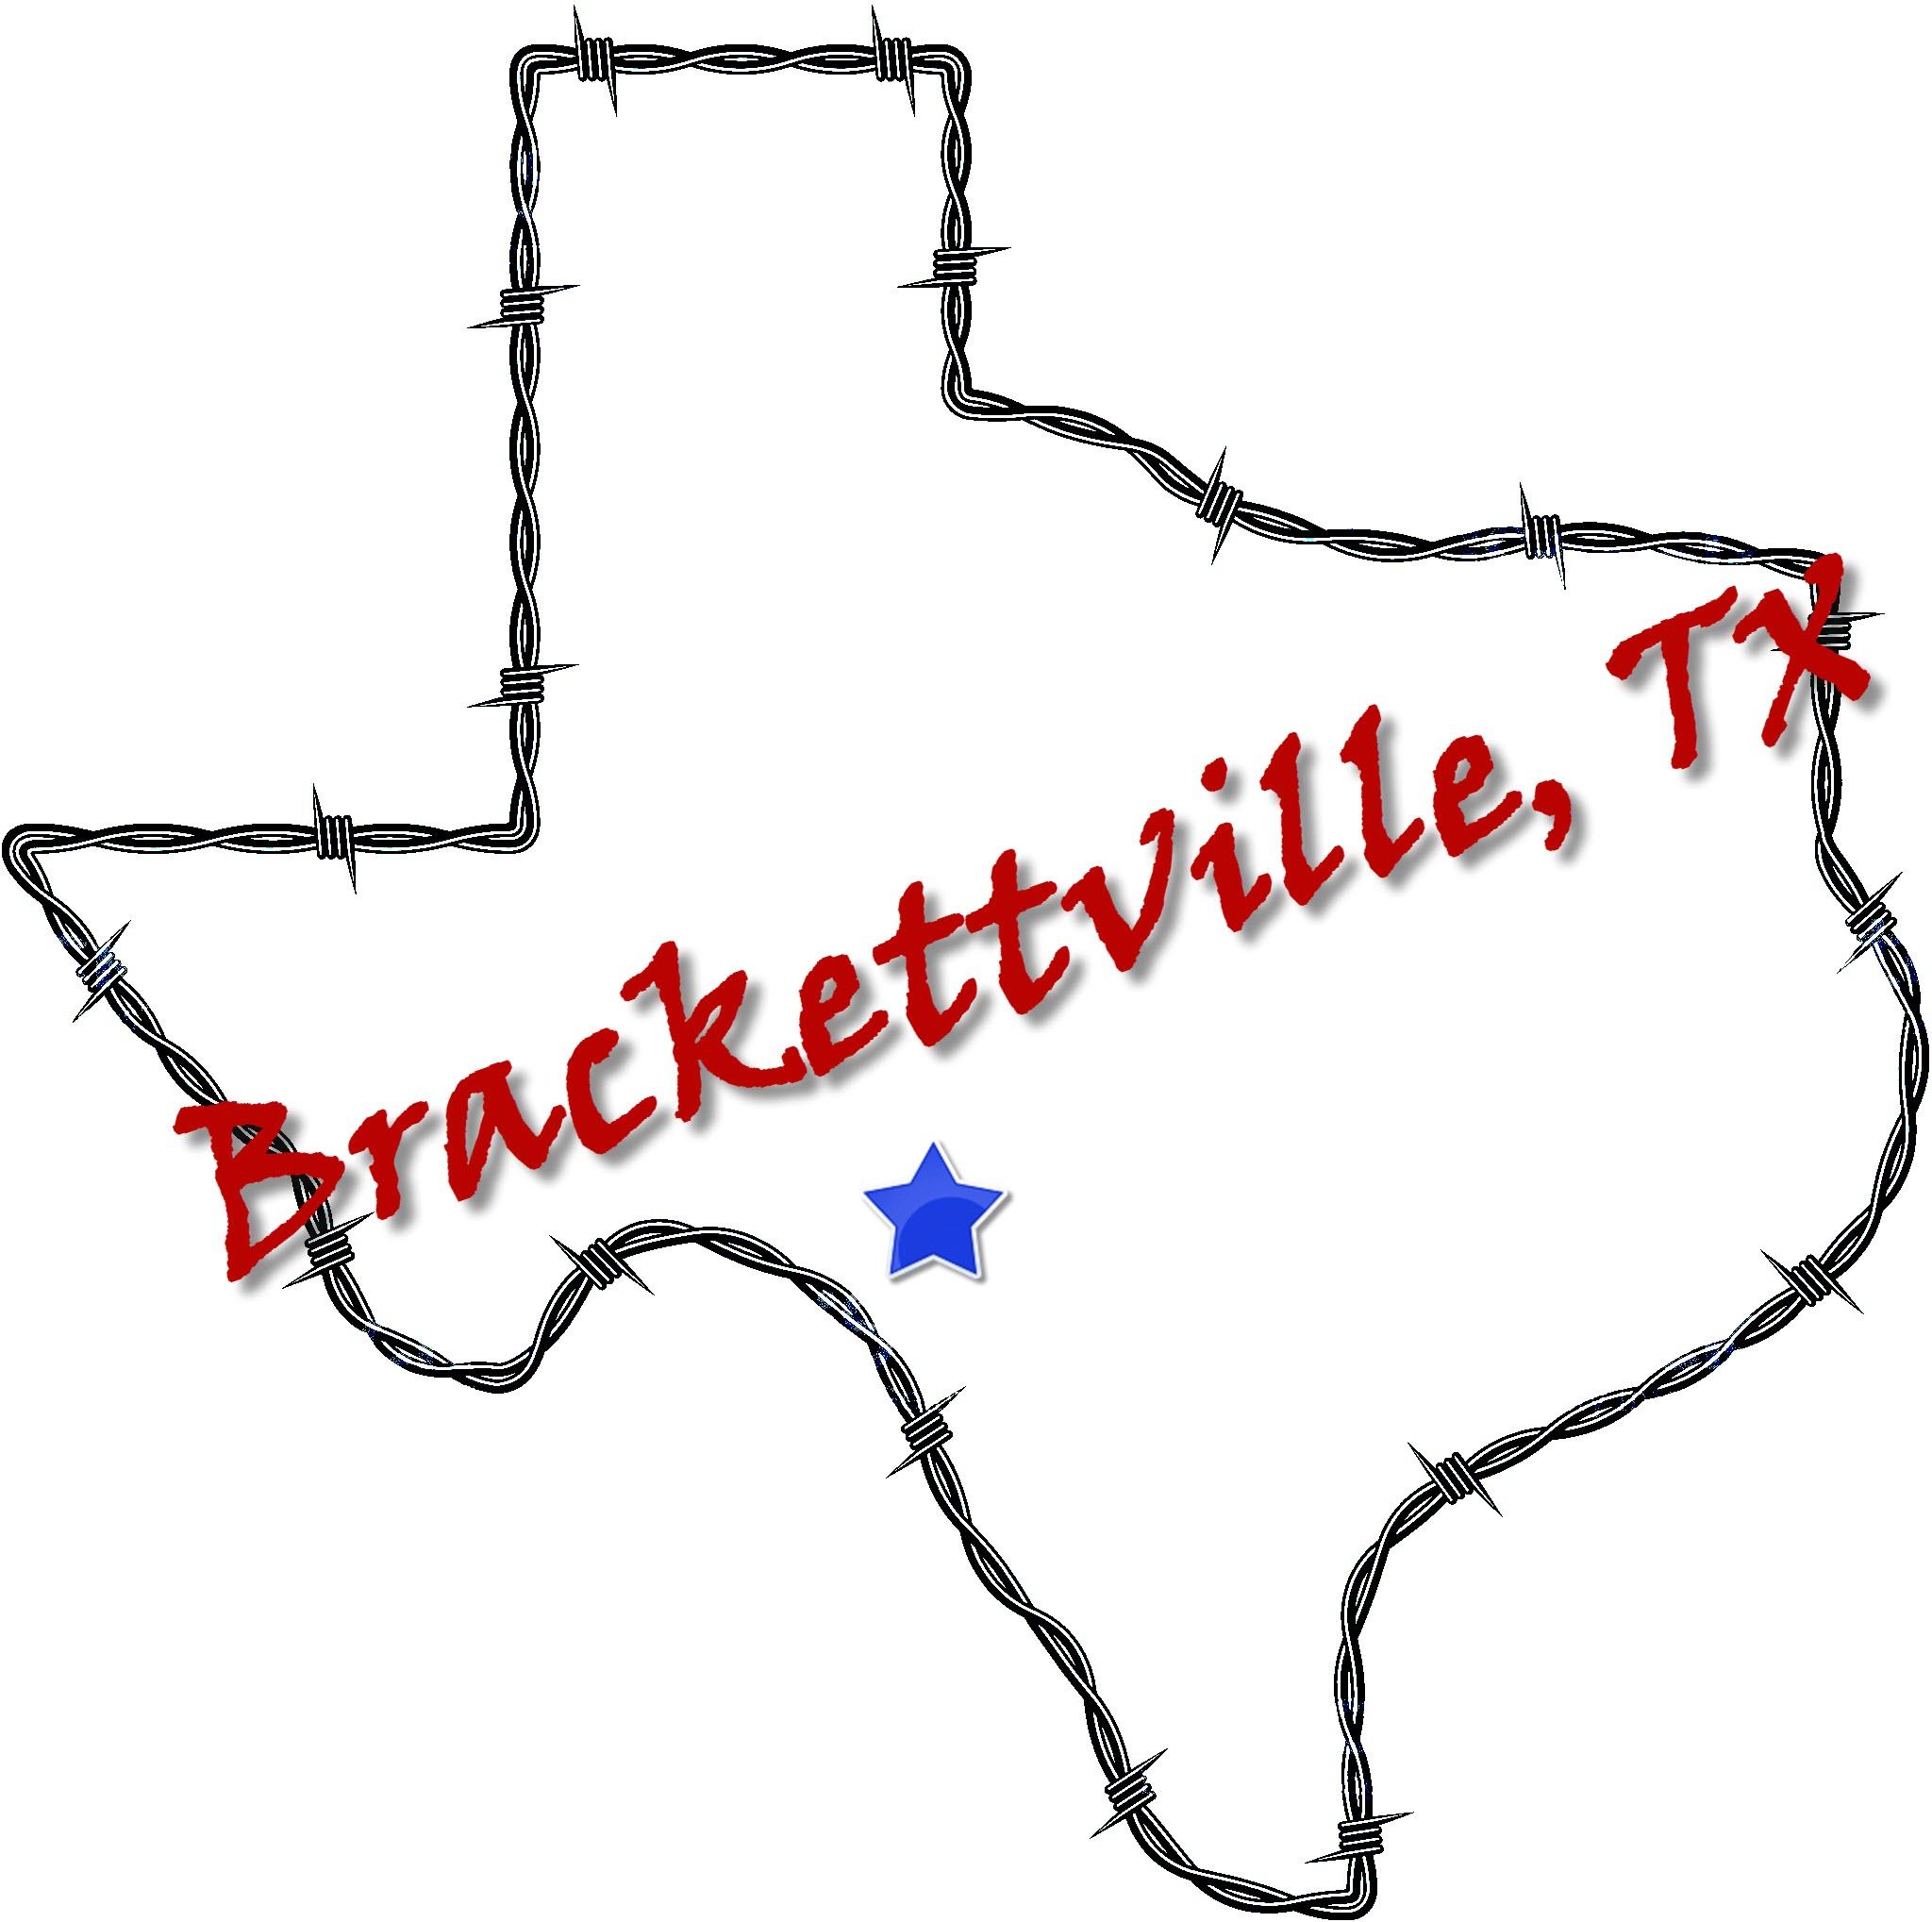 Brackettville 2019 - January 19-21